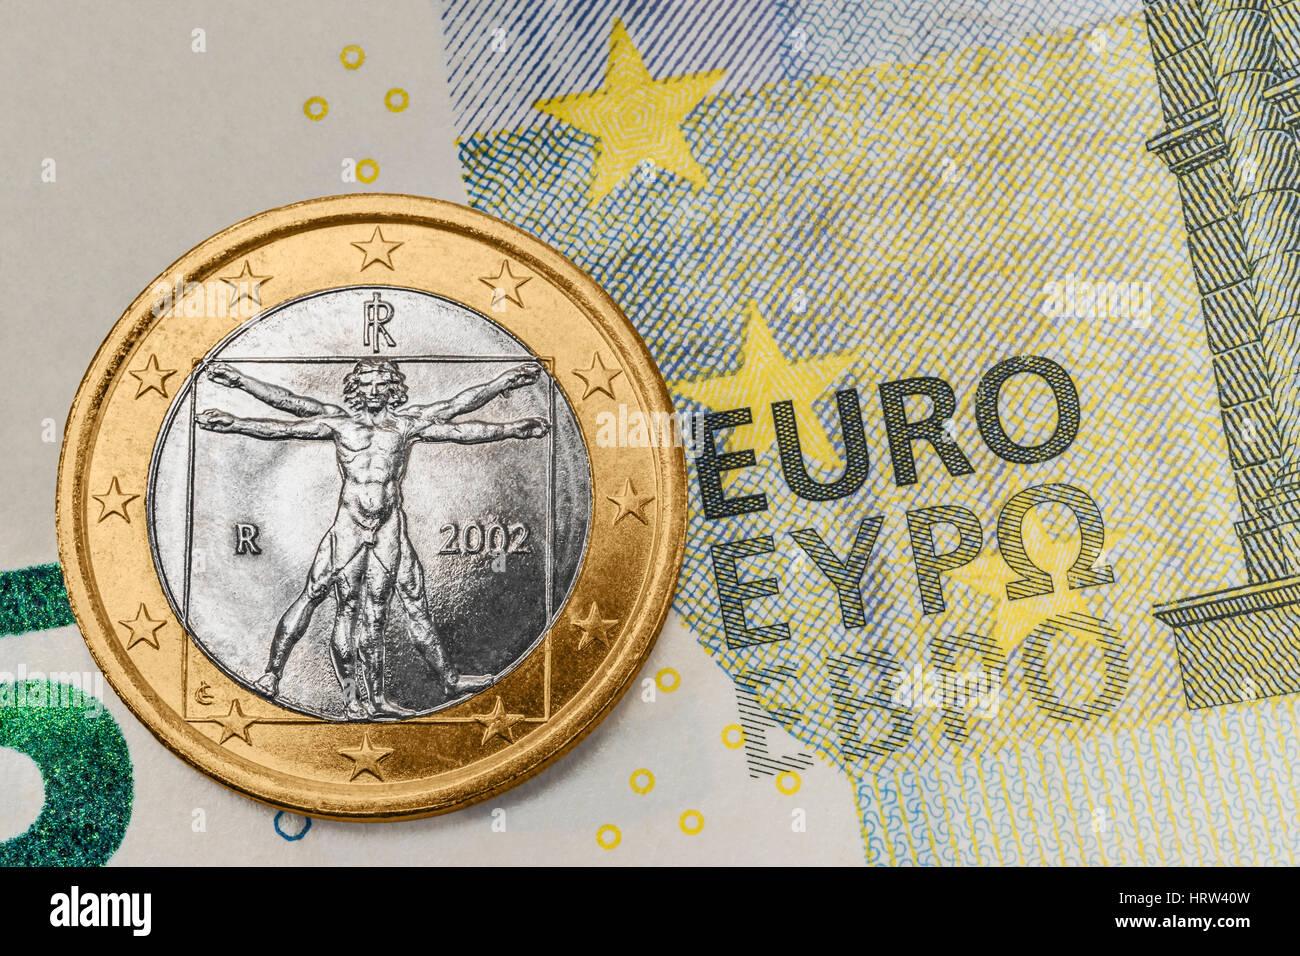 Eine 1 Euro Münze Aus Italien Auf Einer 5 Euro Banknote Stockfoto